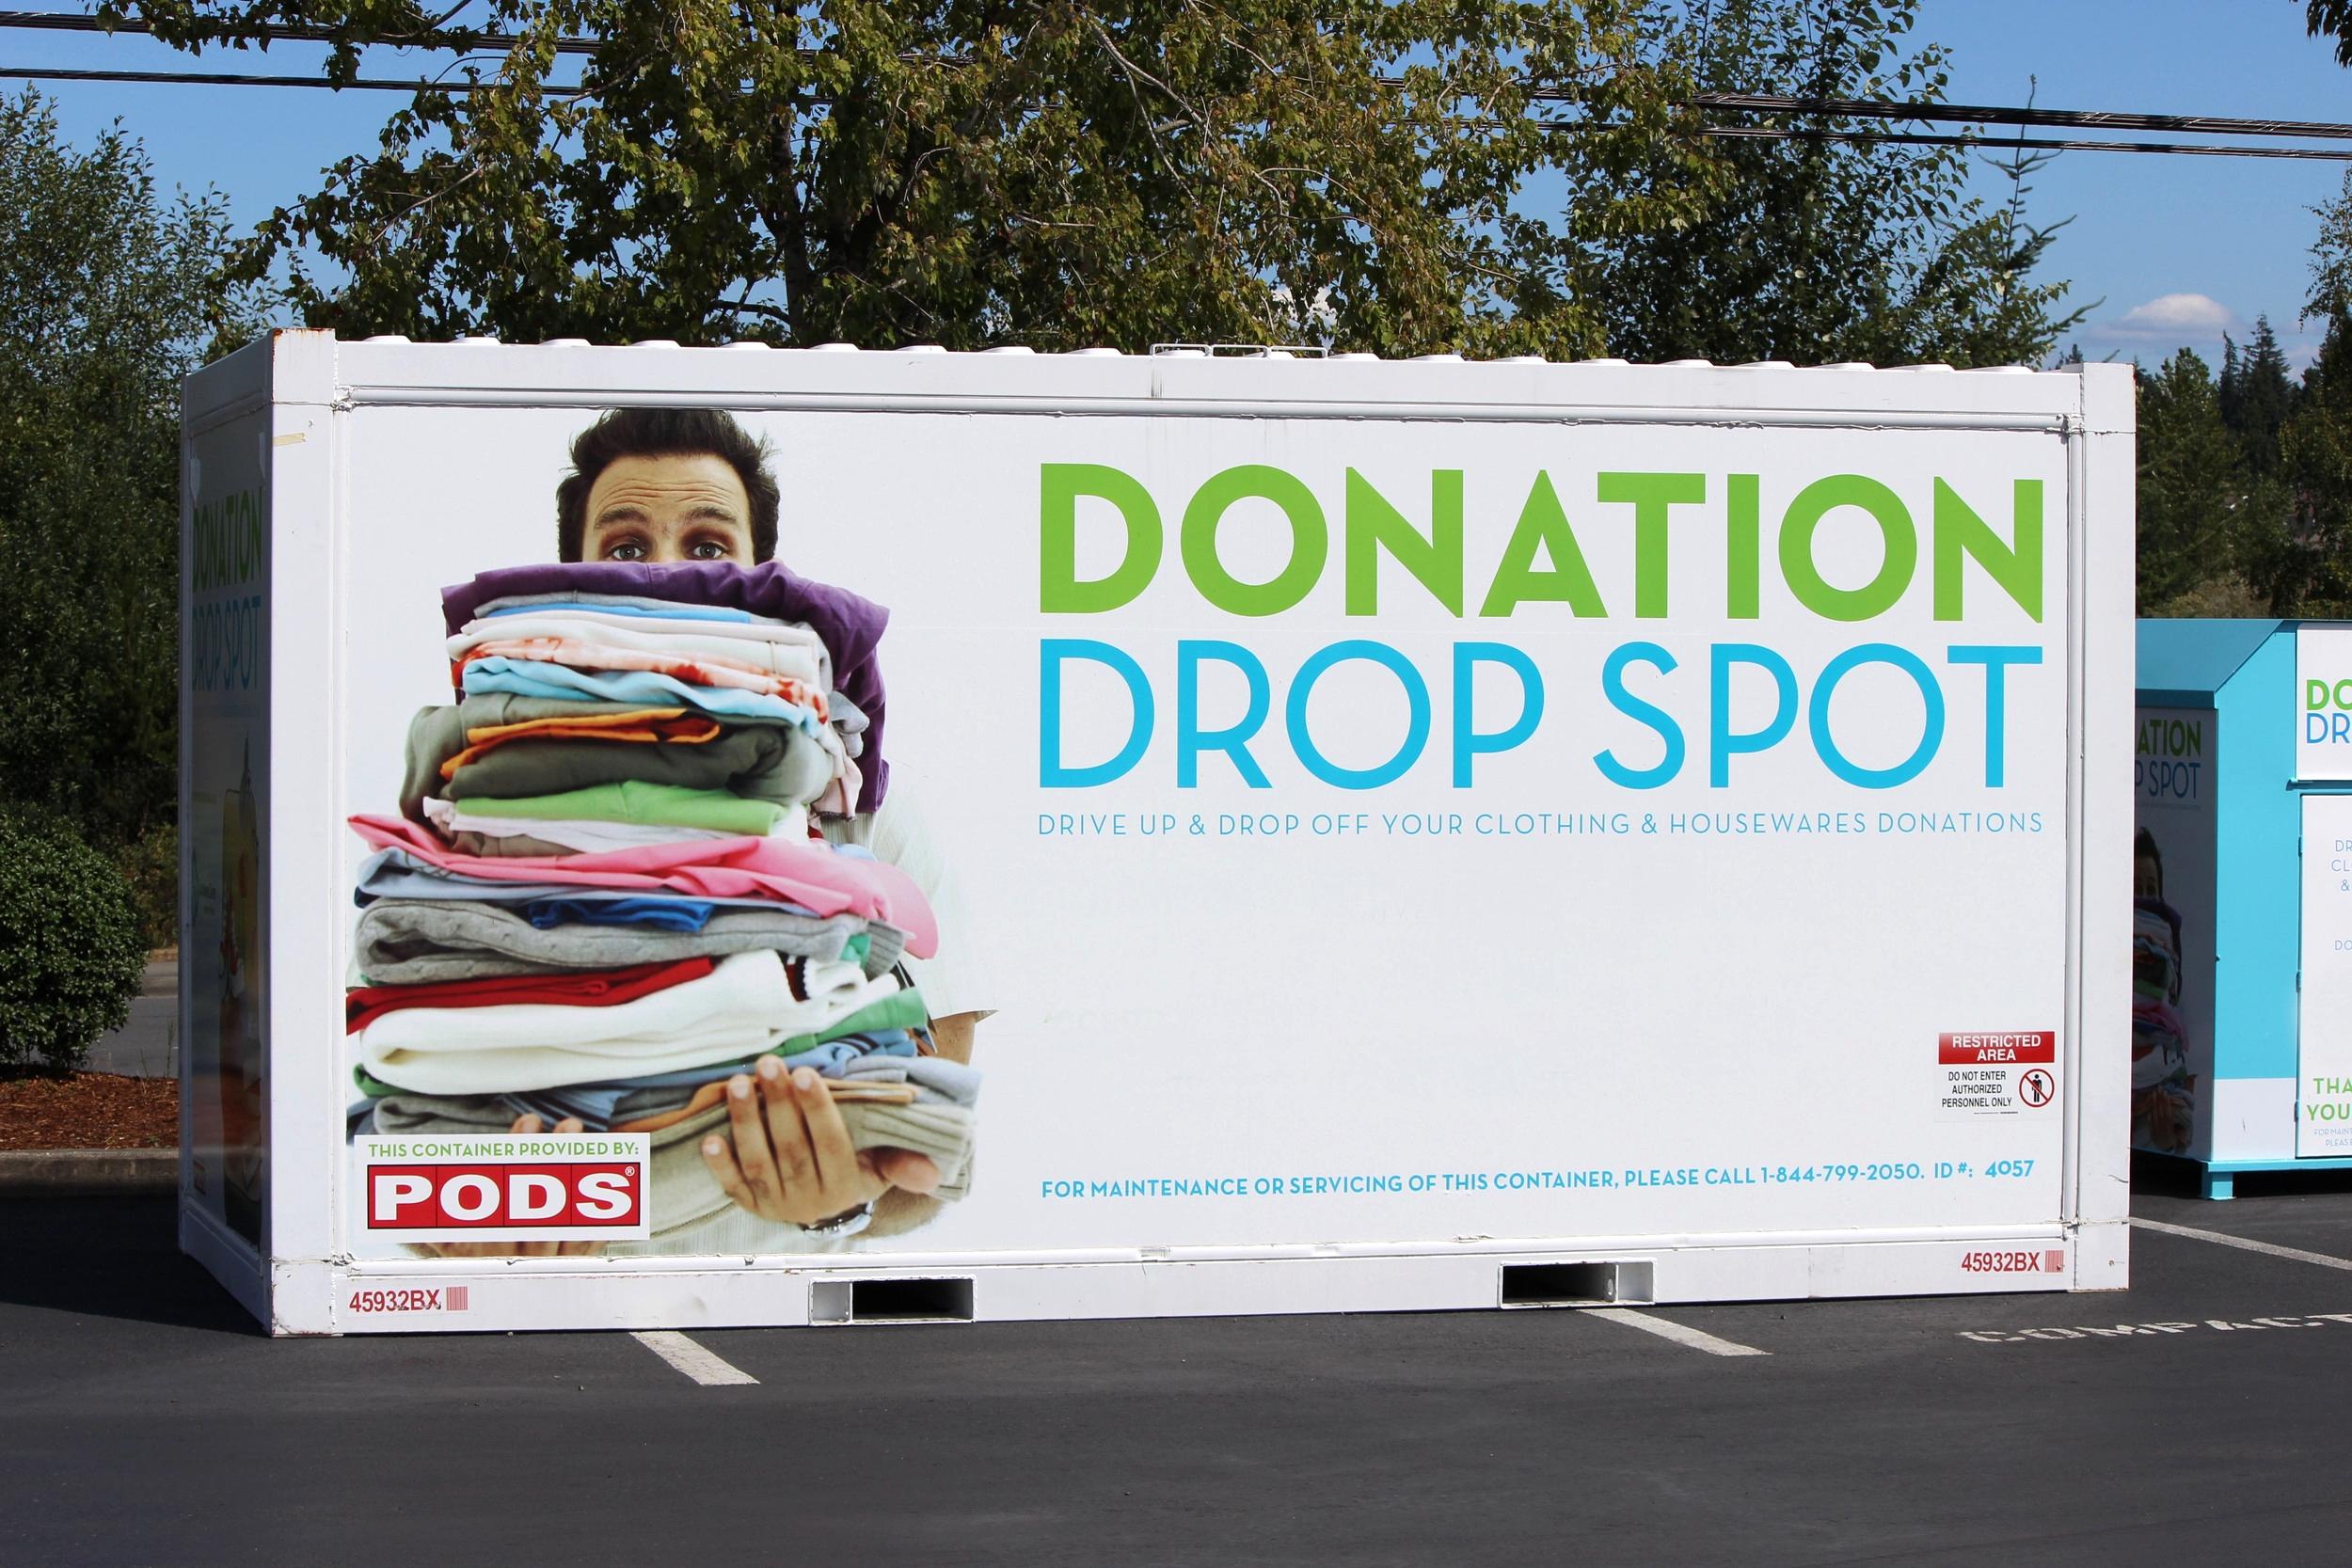 Savers Donation Drop Spot